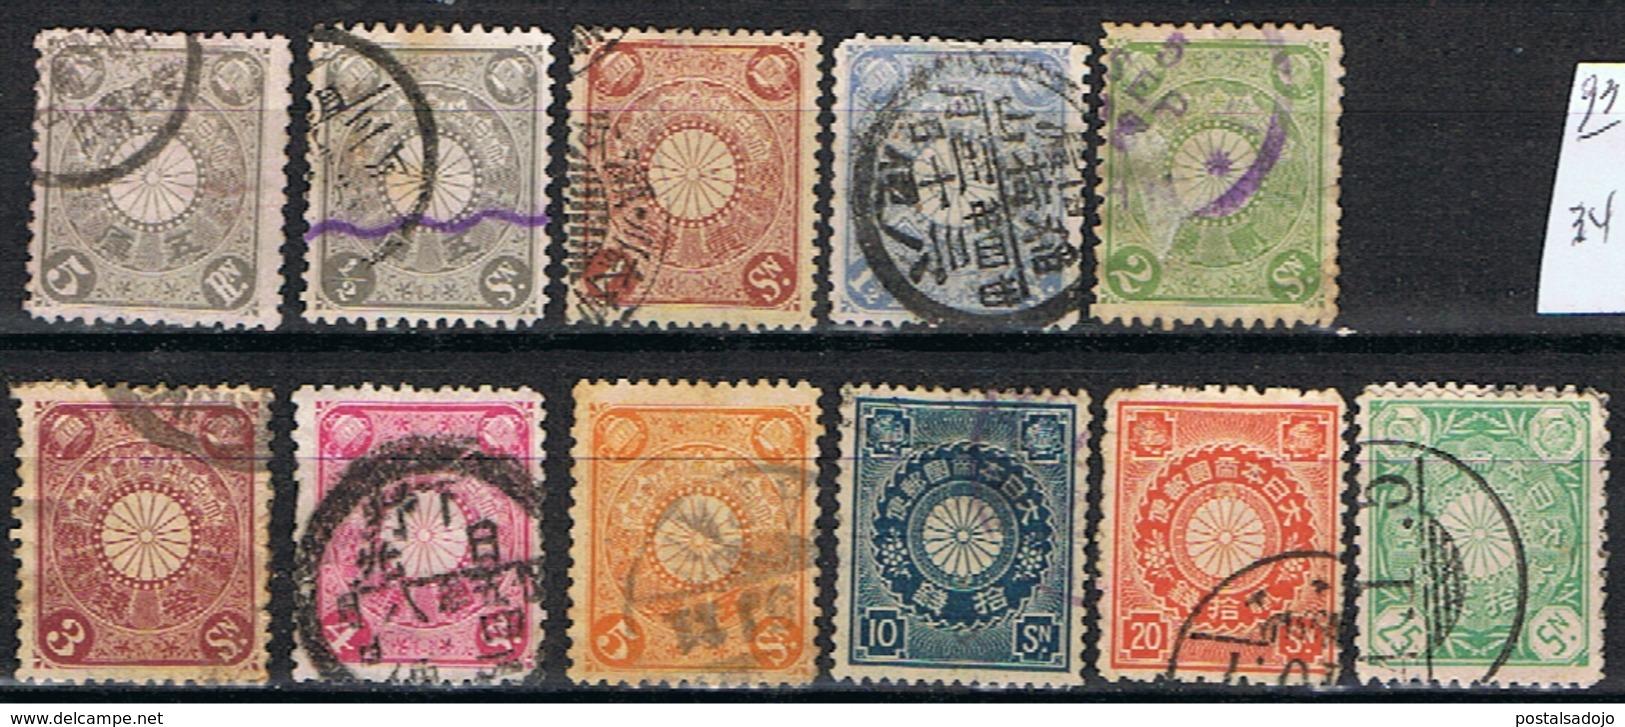 (J 319) JAPON // YVERT 93, 94, 95, 96, 97, 98, 99, 100, 102, 104, 105 // 1899-02 - Oblitérés